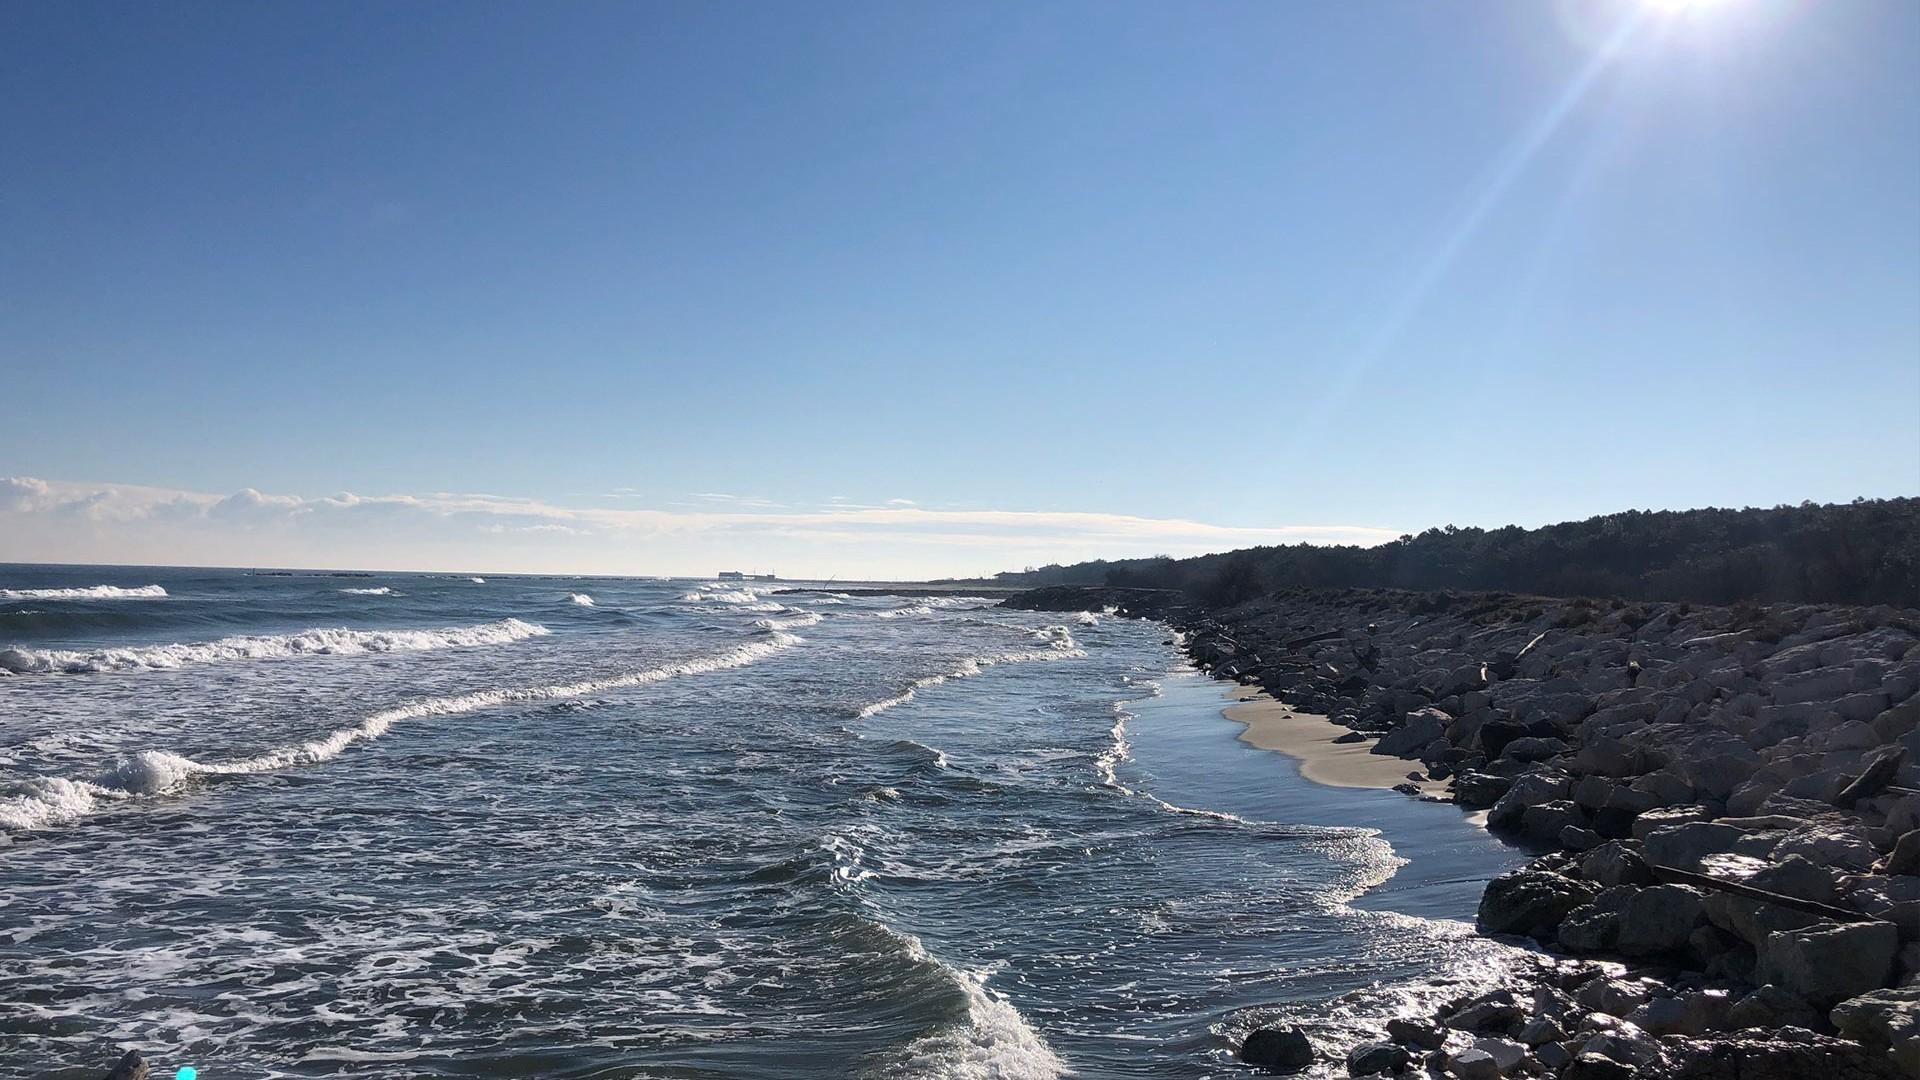 [Parlami di tER] Al mare fuori stagione